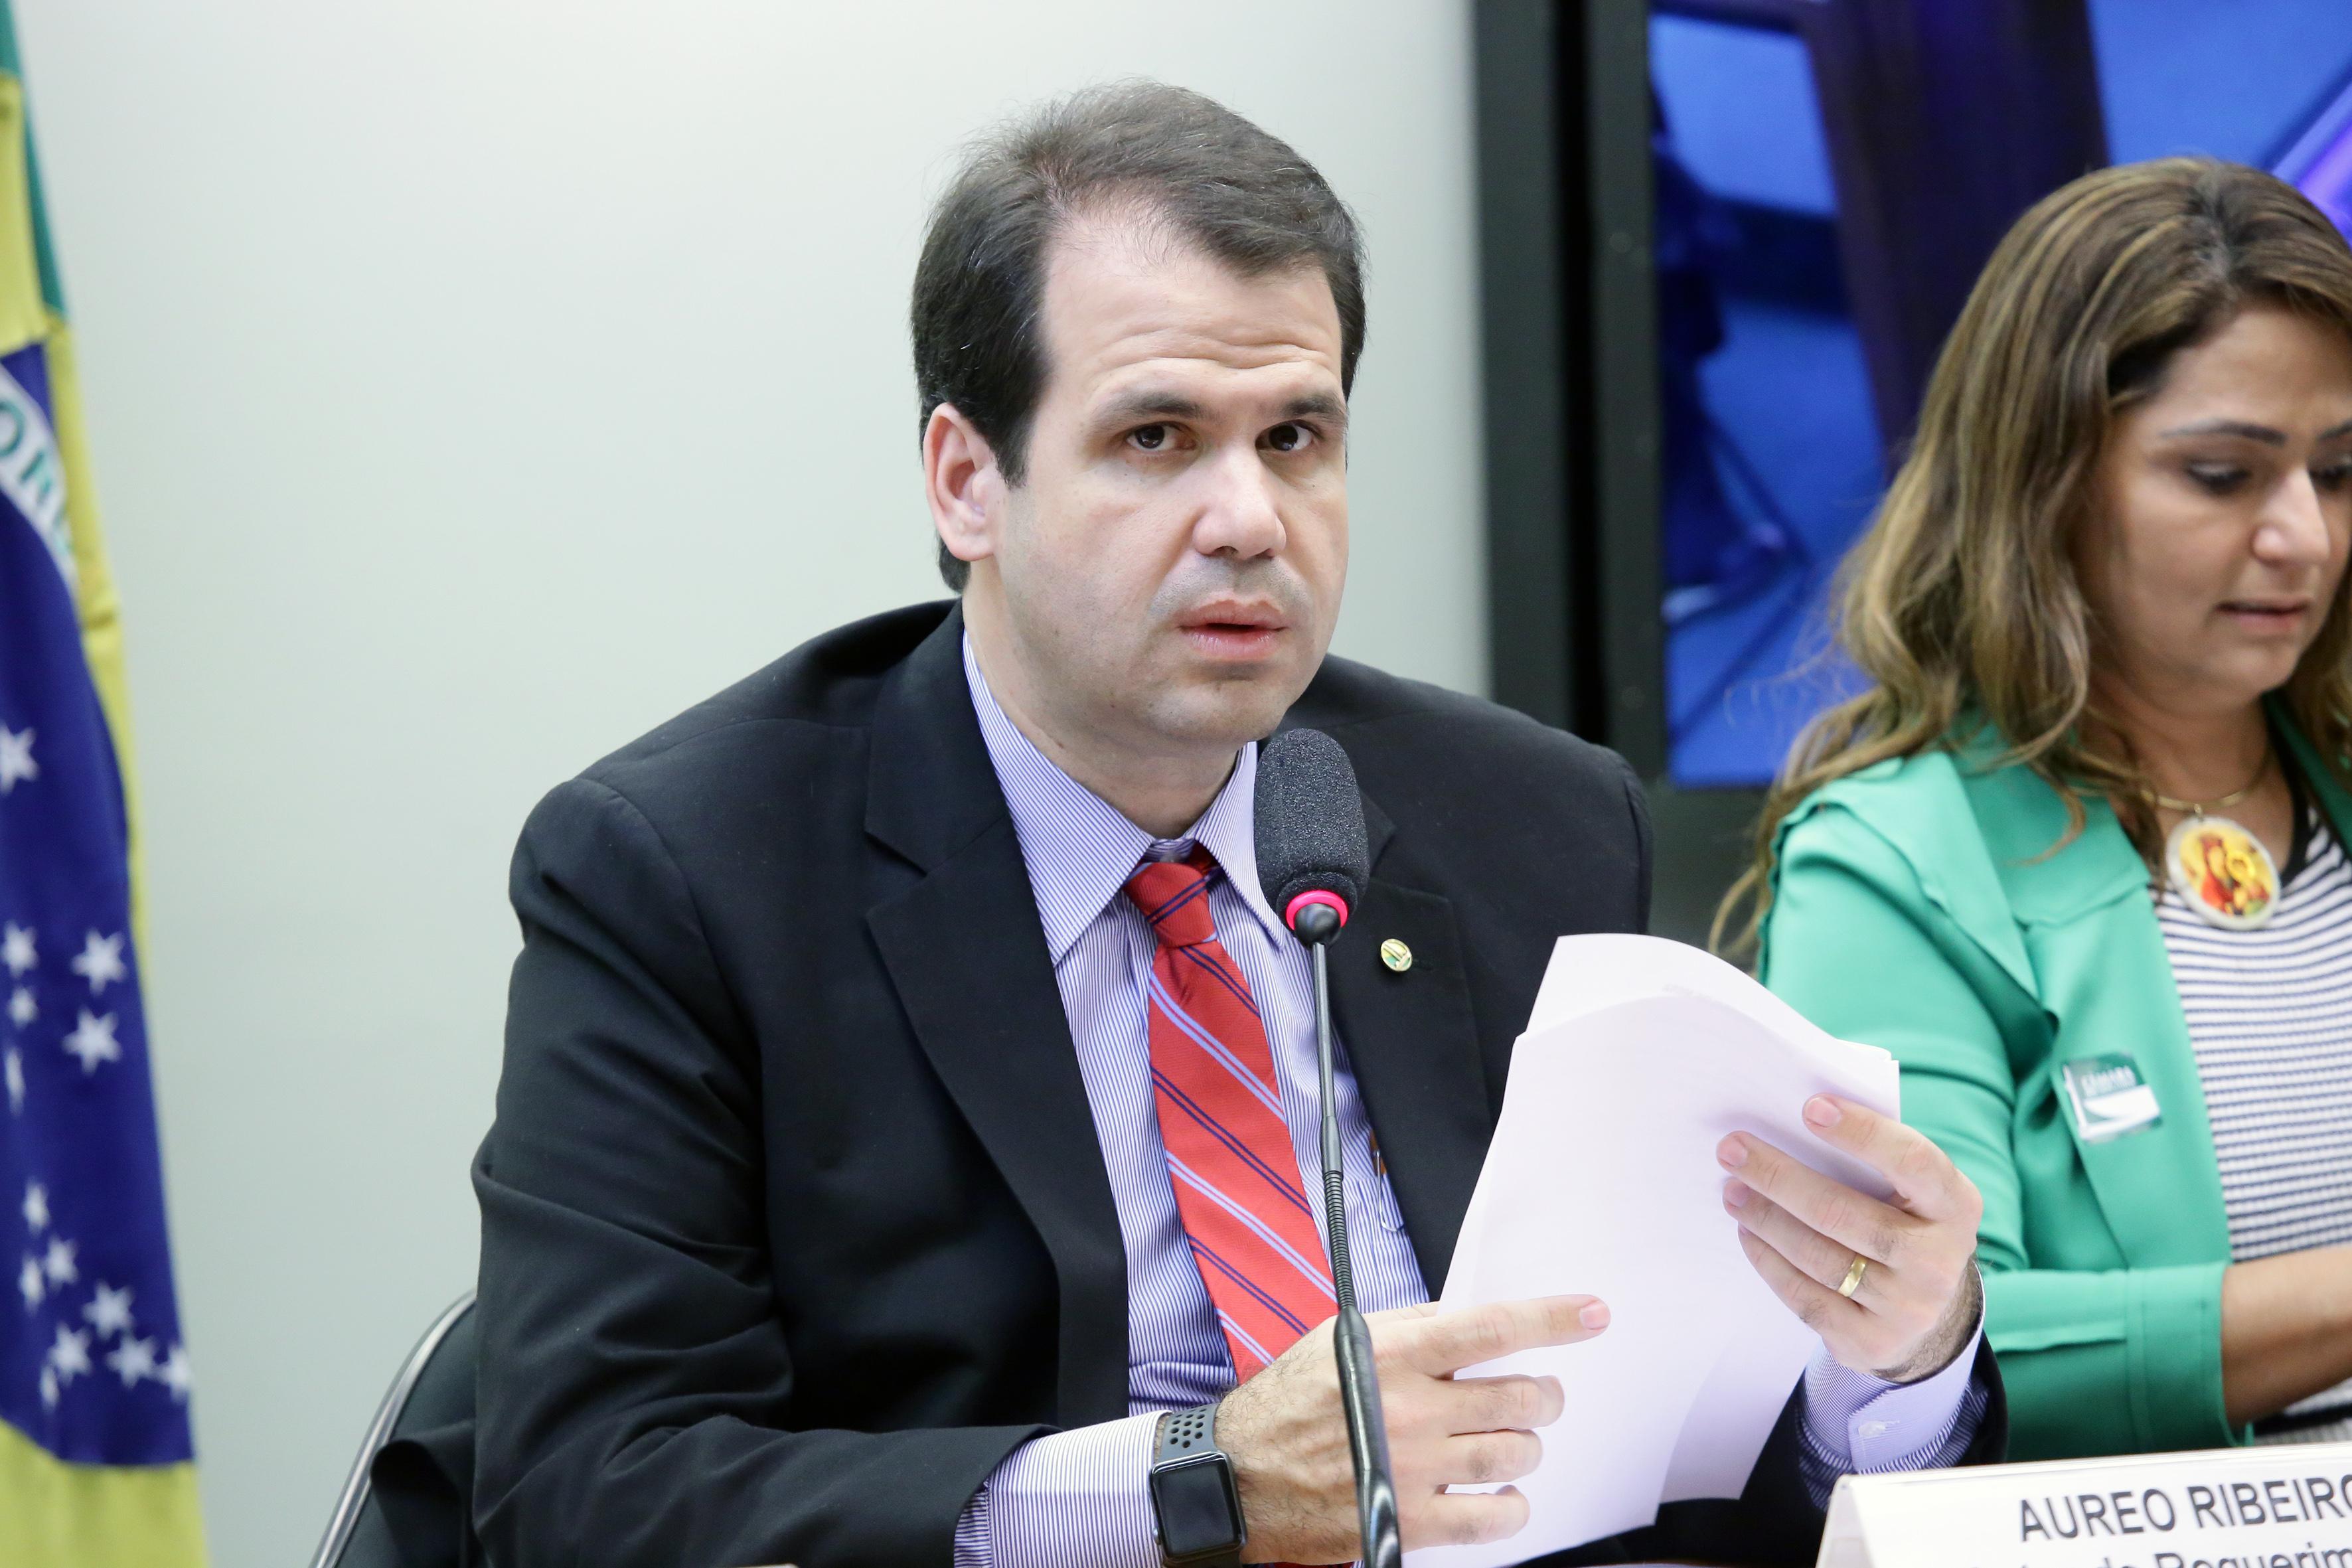 Audiência pública sobre os problemas do Fundo de Financiamento Estudantil - FIES. Dep. Aureo Ribeiro (SOLIDARIEDADE-RJ)